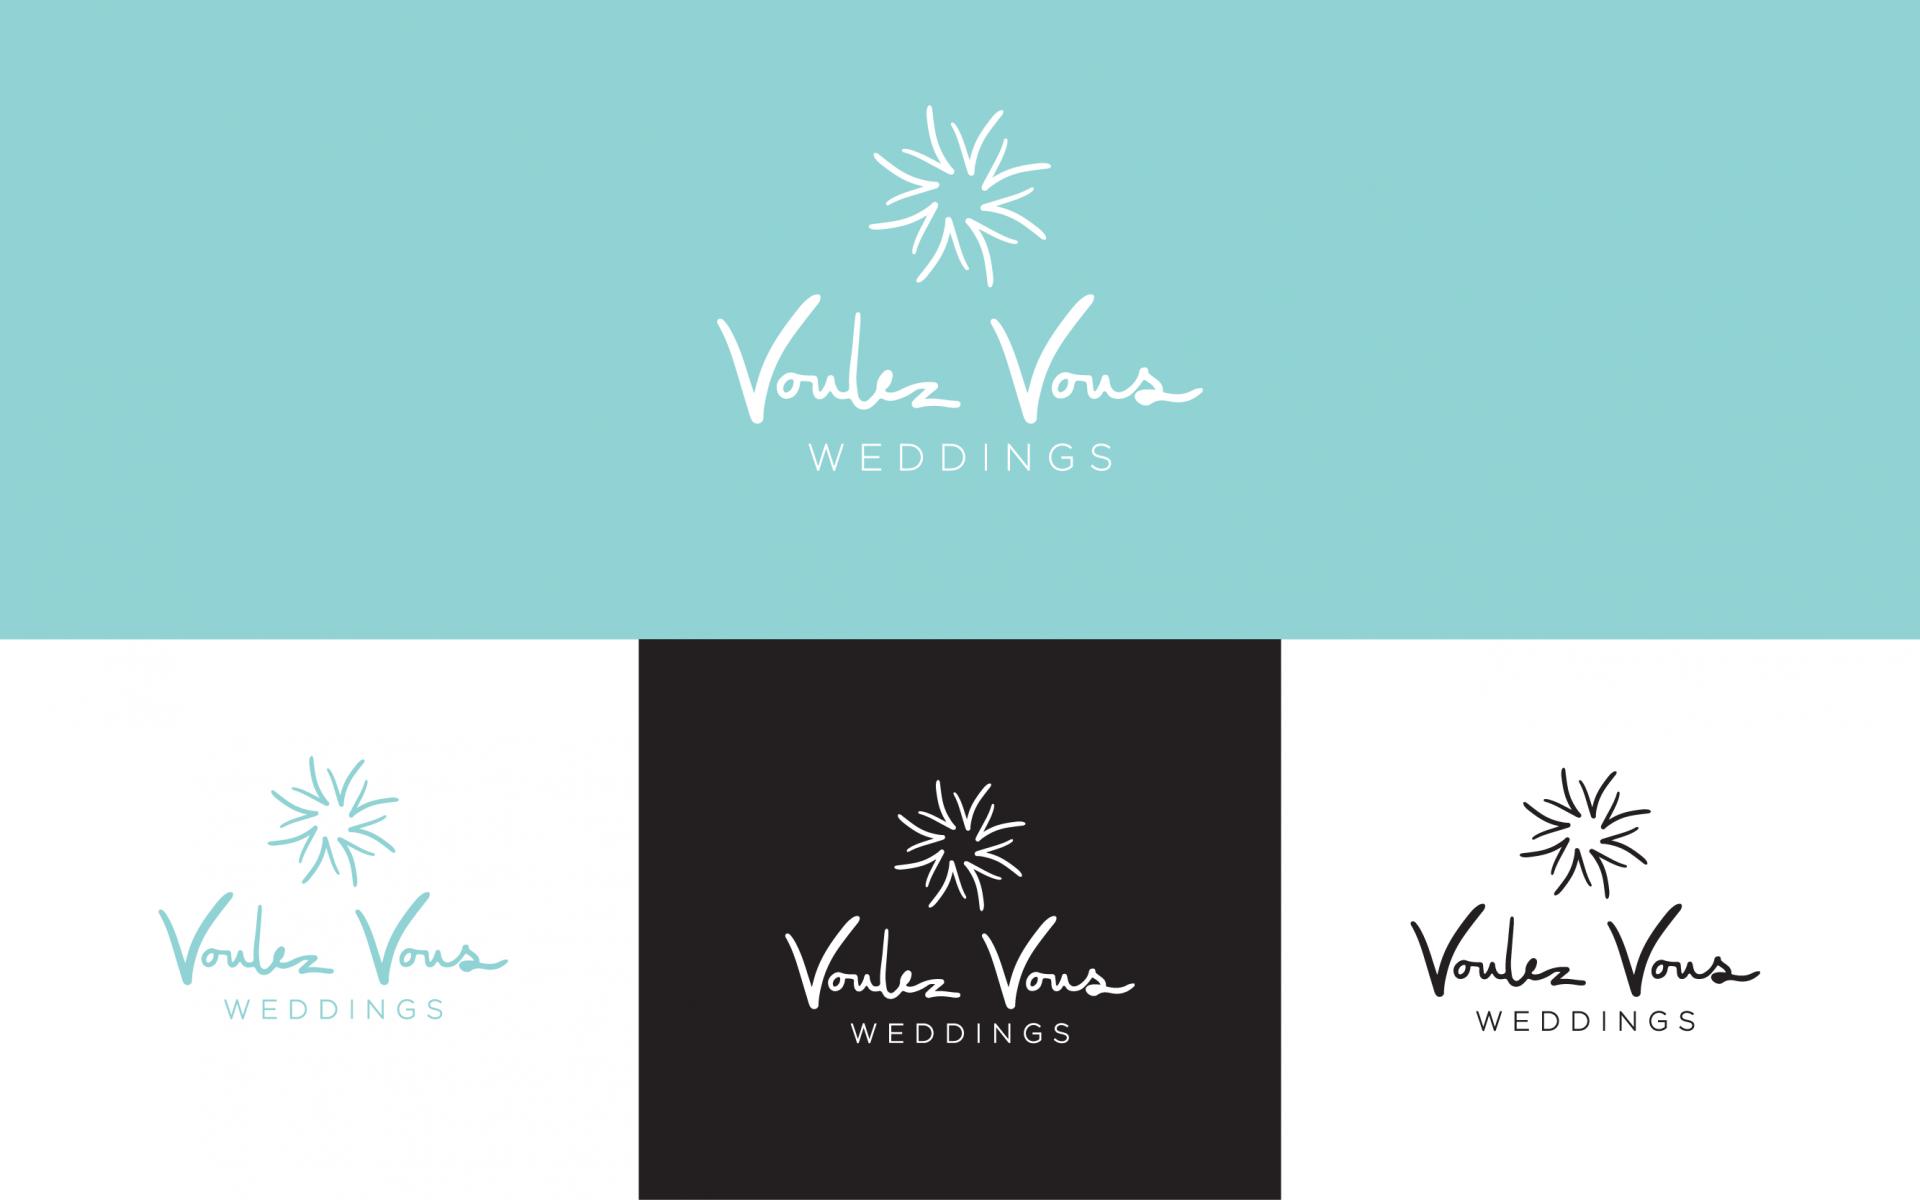 Logos_VoulezVous